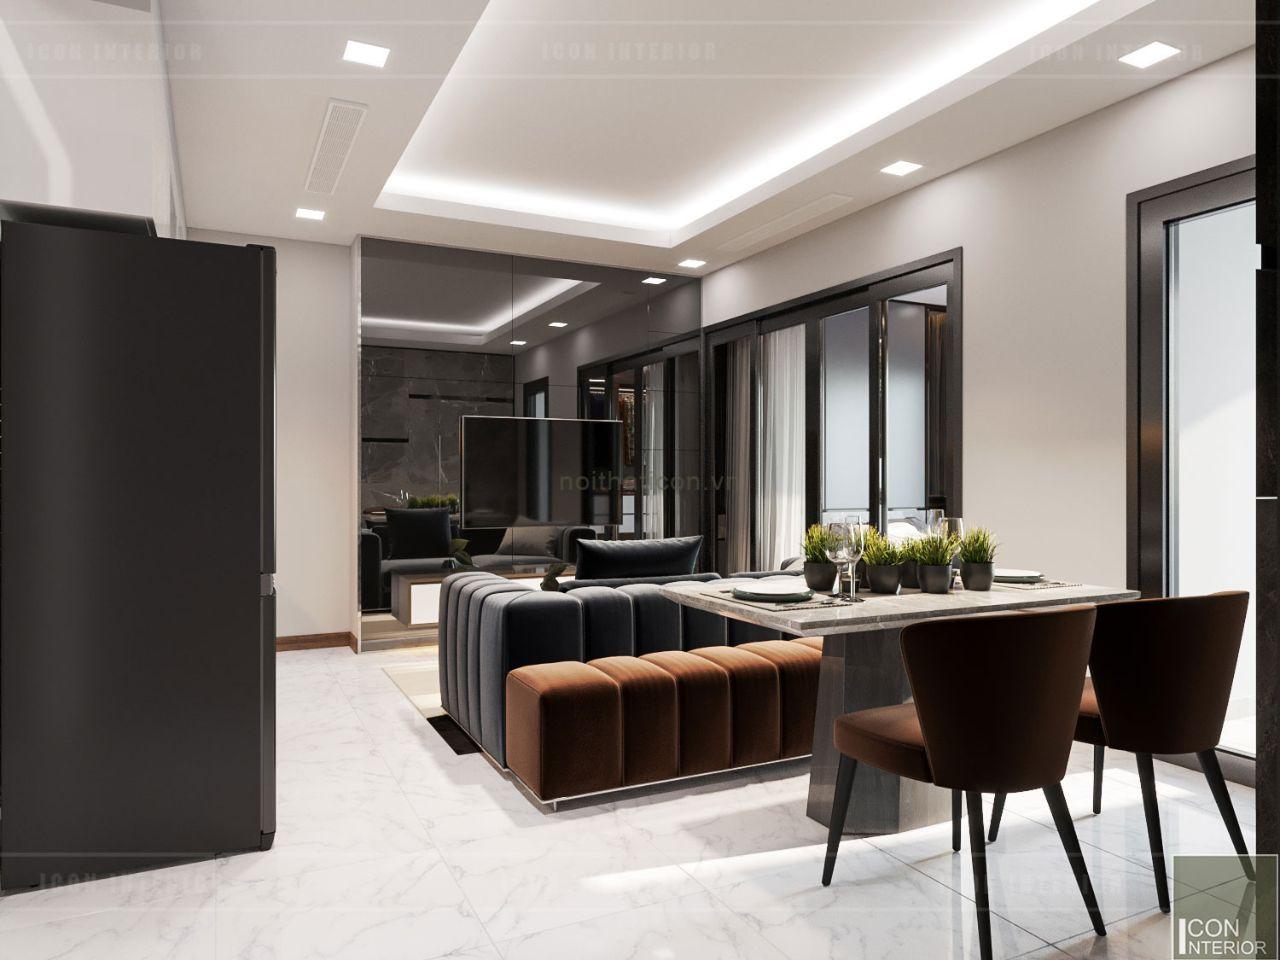 cách bố trí nội thất căn hộ 60m2